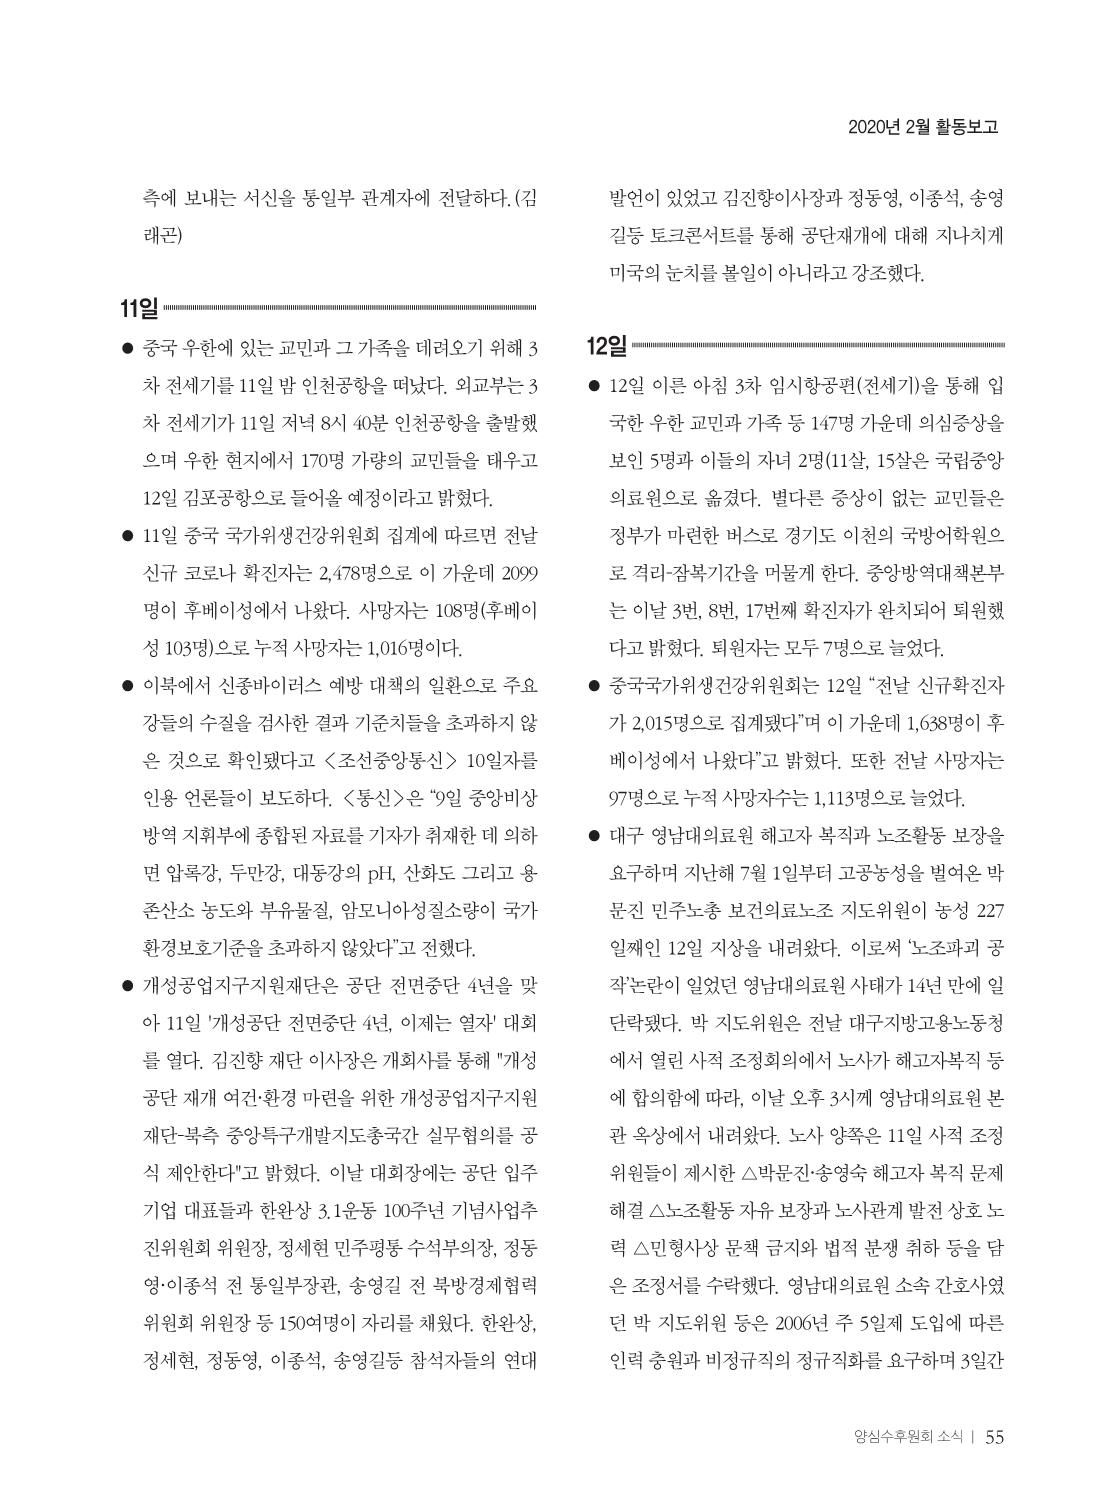 45cfe4c7-a26e-4b55-9dc7-306310e81365.pdf-0057.jpg